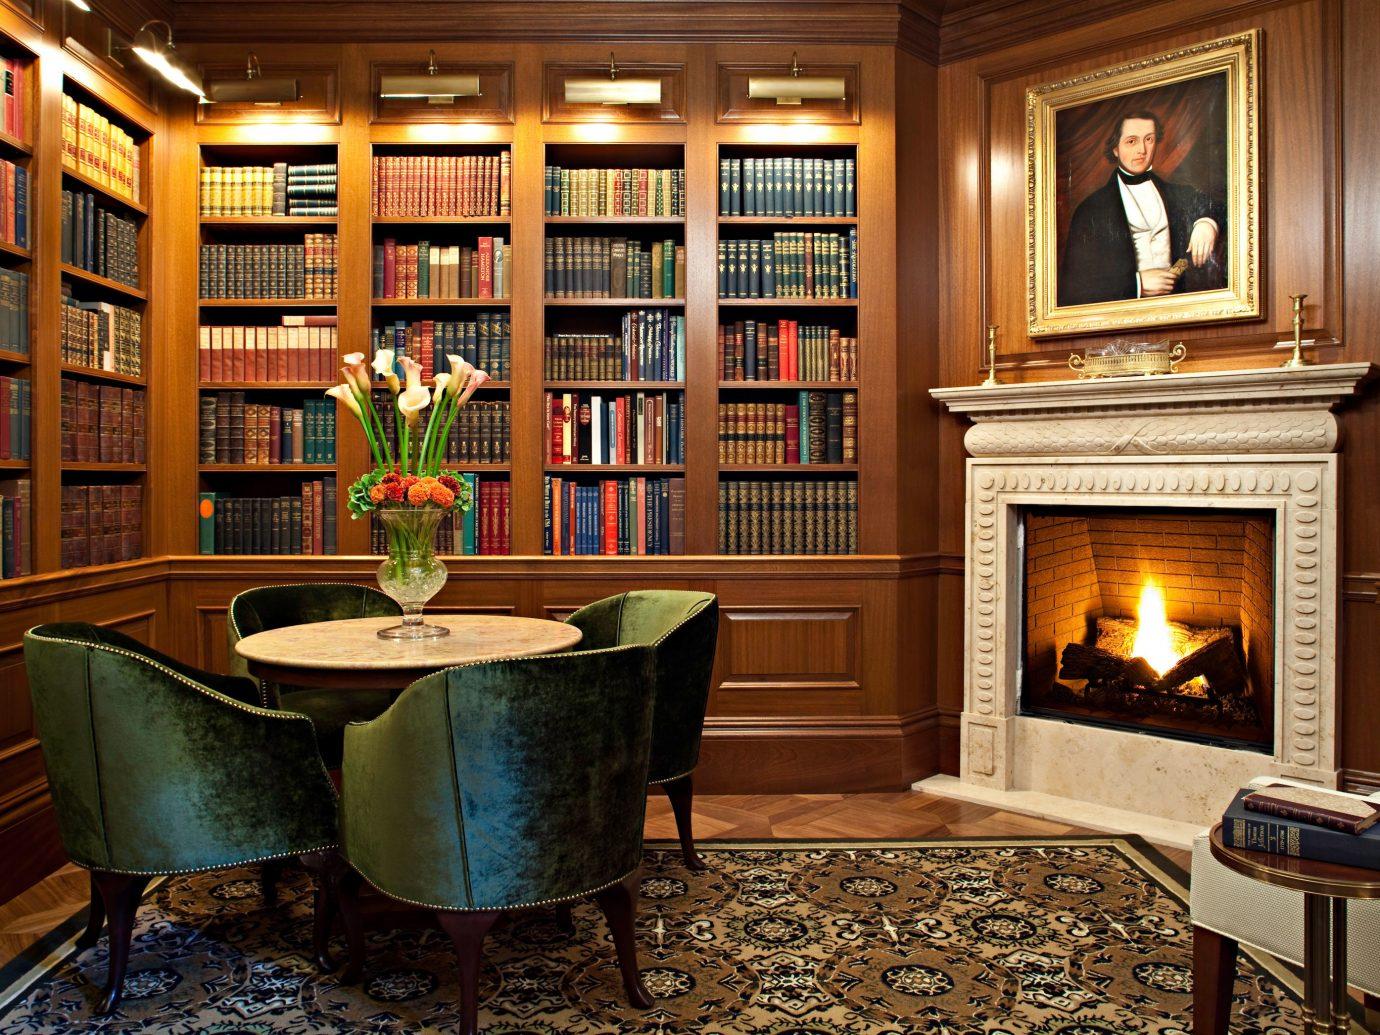 Boutique Hotels Fireplace Hotels Living Lounge indoor room floor chair home living room cabinetry estate shelf hardwood interior design wood Design mansion furniture